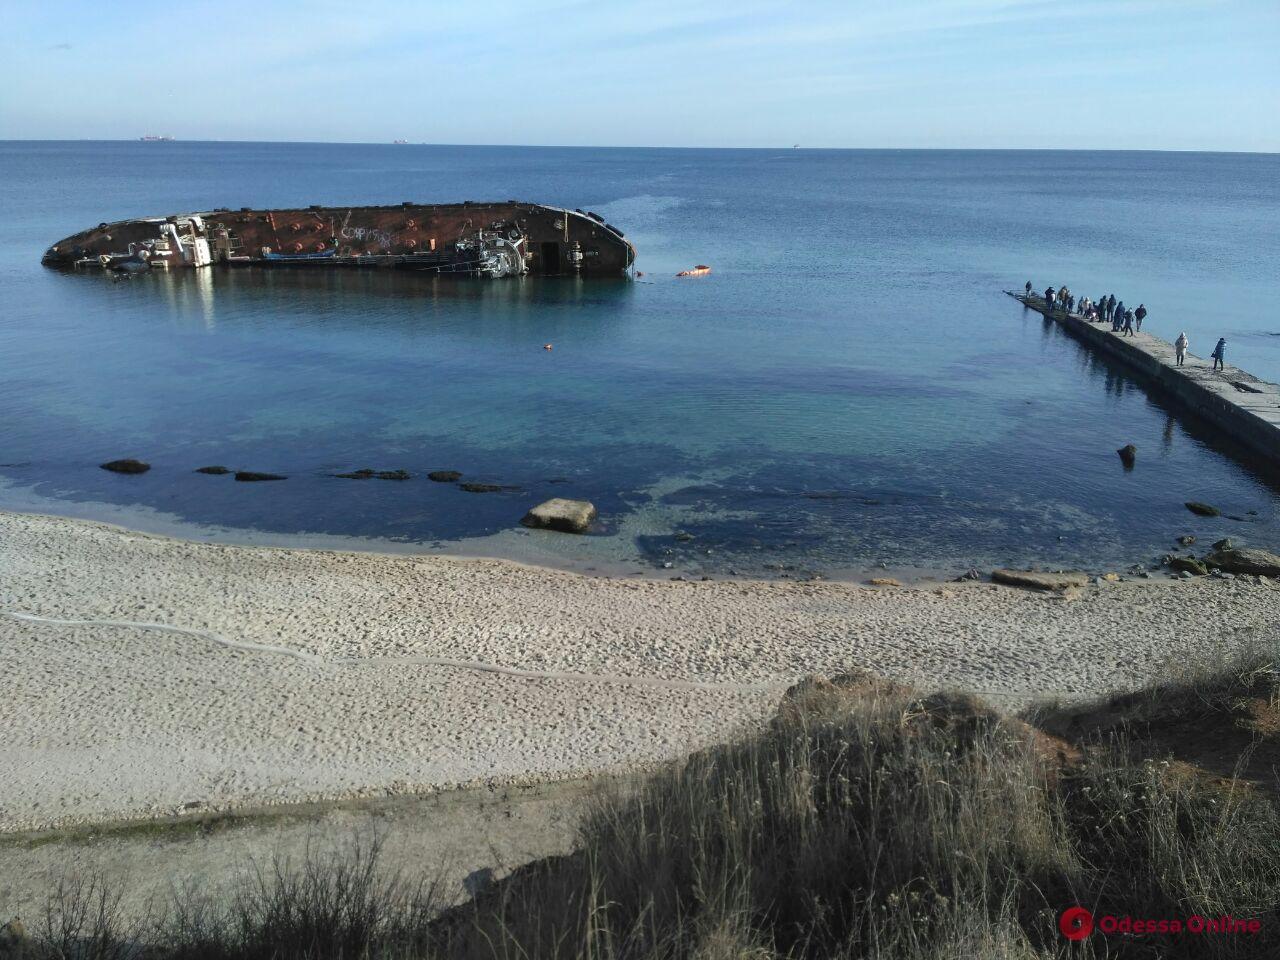 Танкер Delfi все еще остается в Одесском заливе